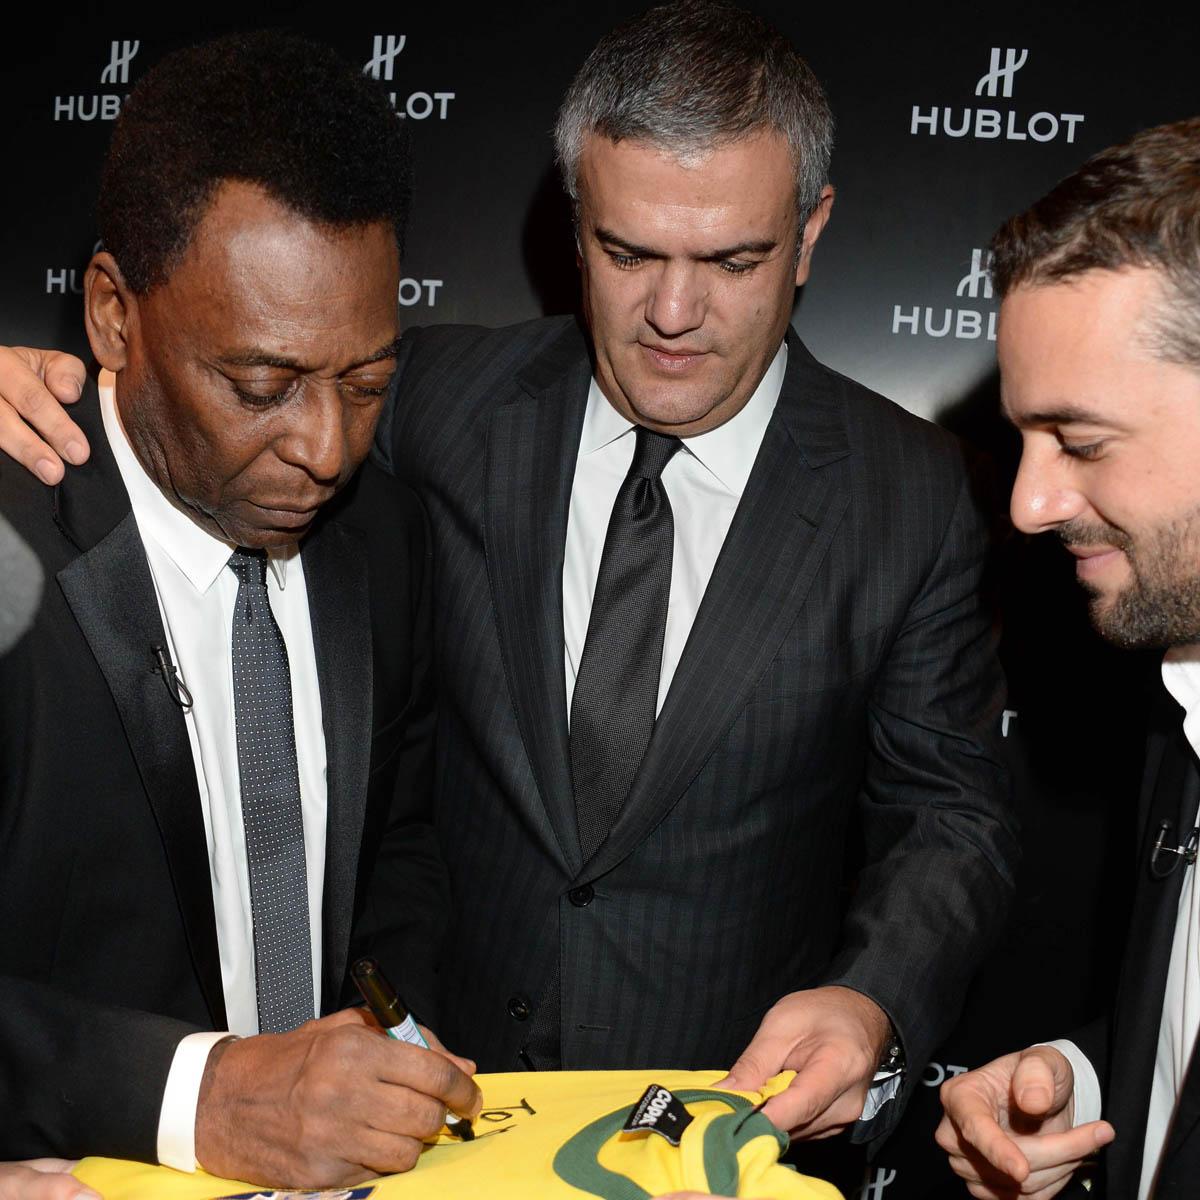 La Cote des Montres : Photo - Football : le roi Pelé choisit Hublot